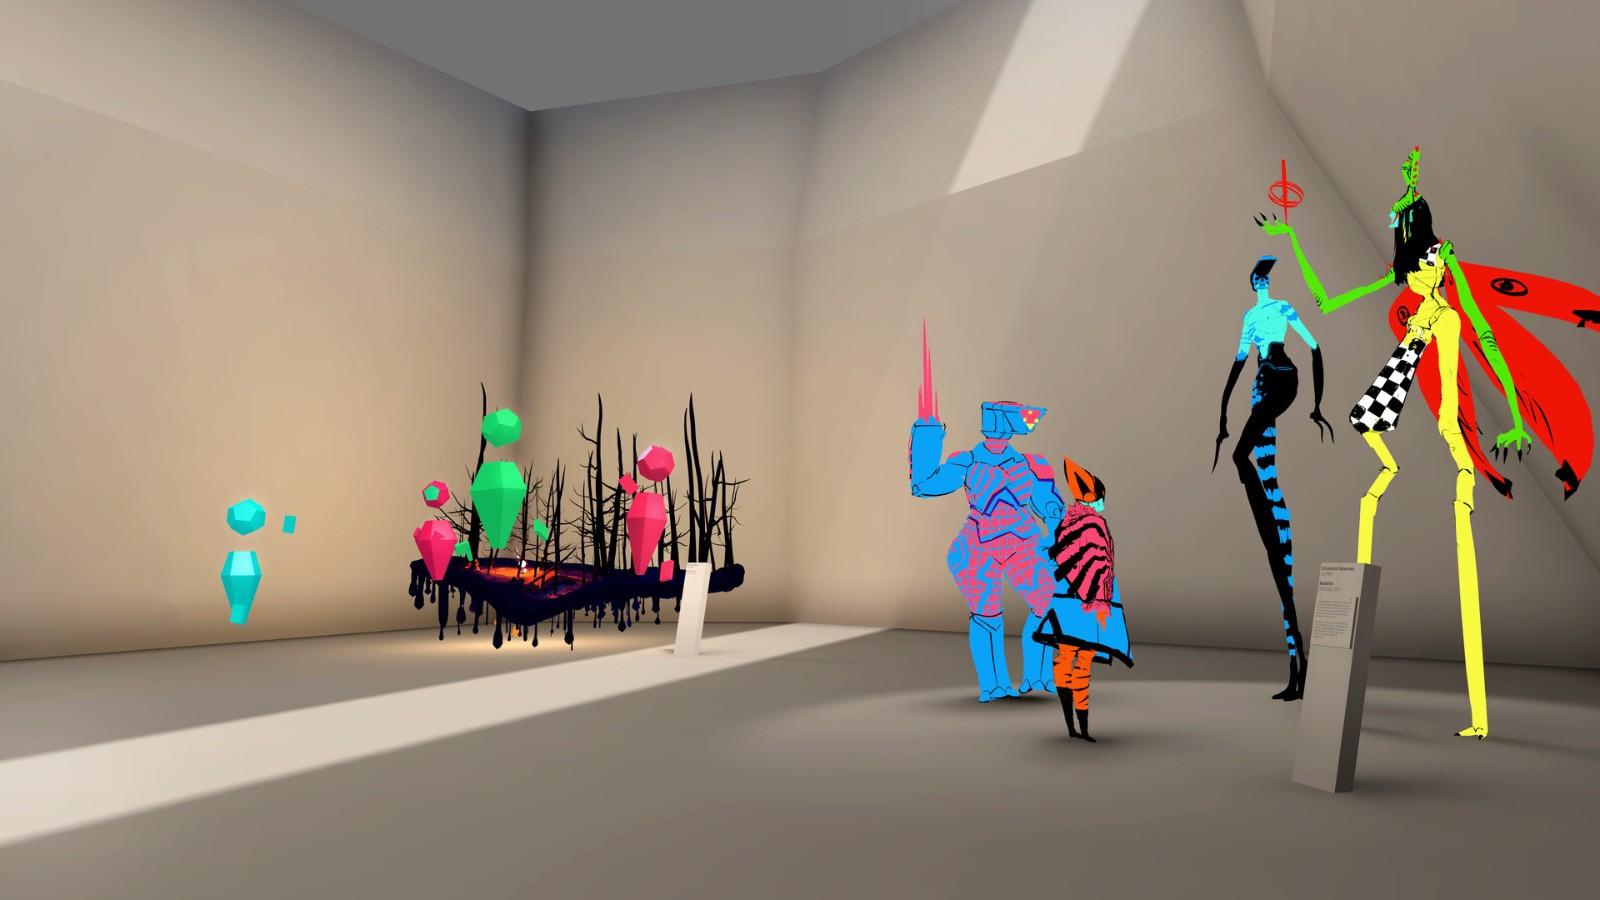 Steam喜加一 VR艺术展览《奇妙现实博物馆》免费领